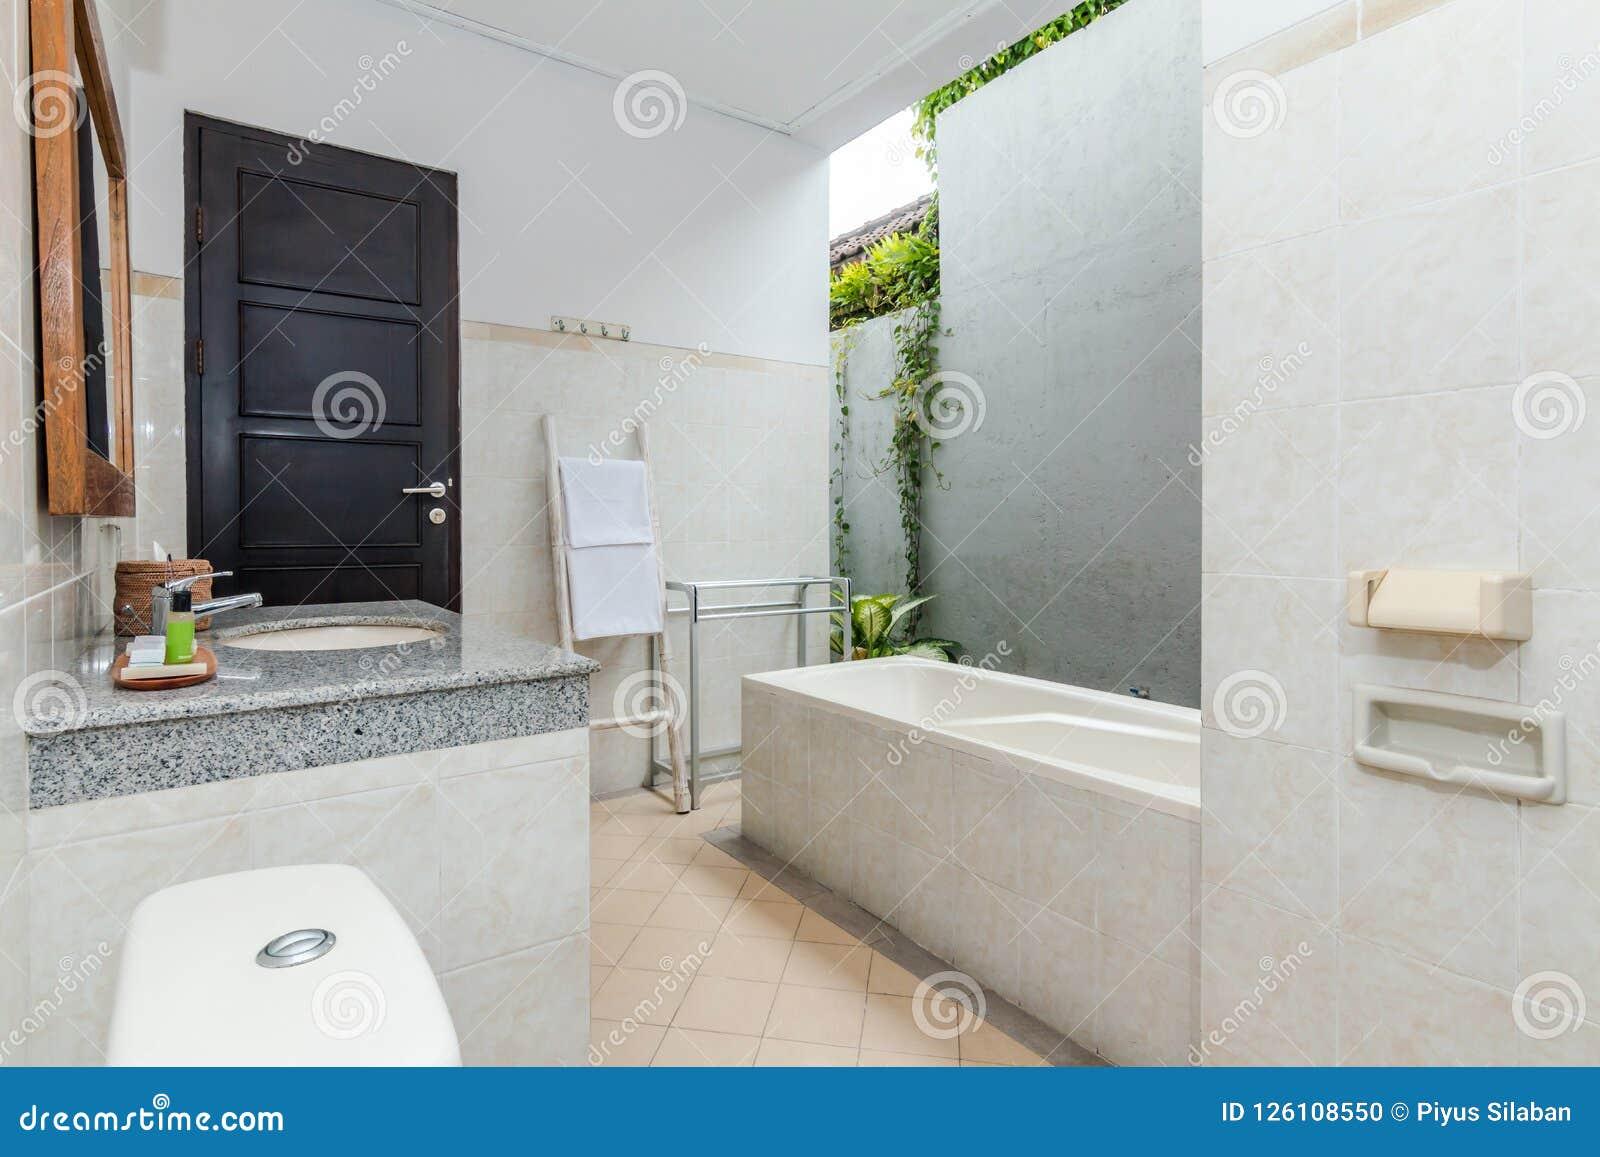 Cuarto De Baño Limpio Y Barato Del Hotel Foto de archivo - Imagen de ...